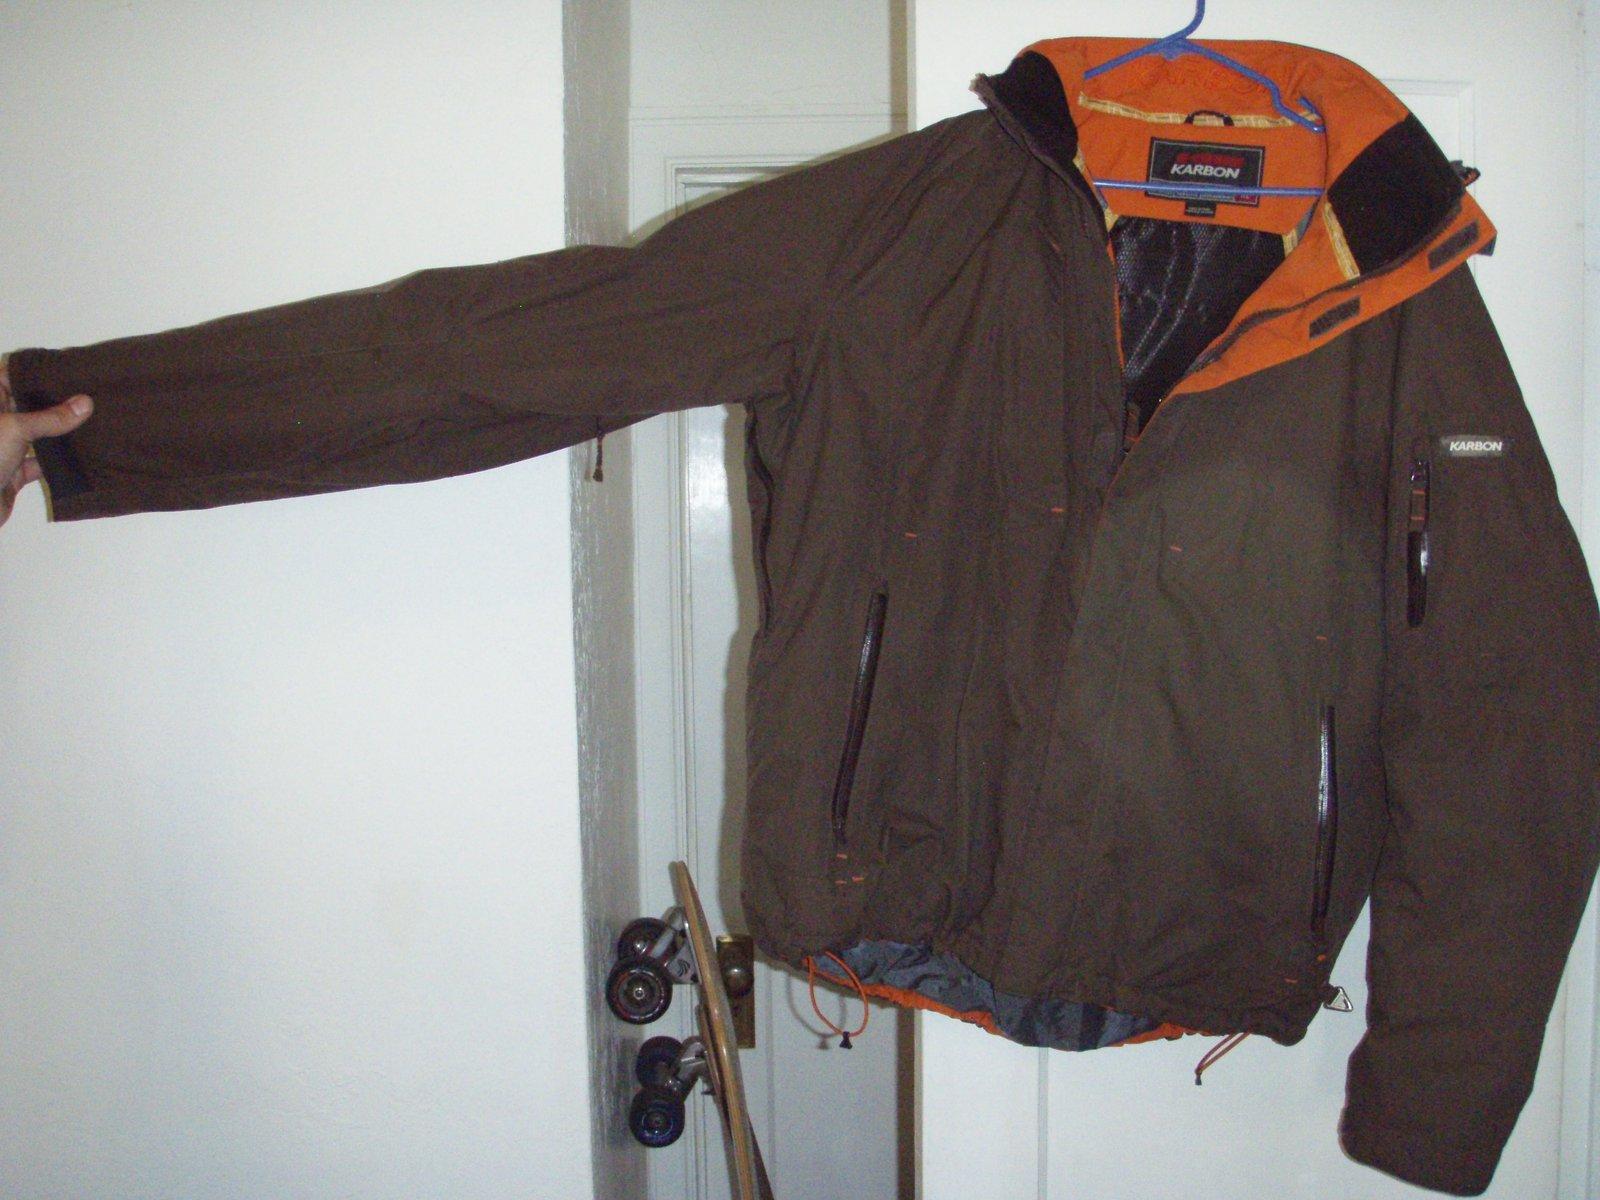 XL karbon Jacket